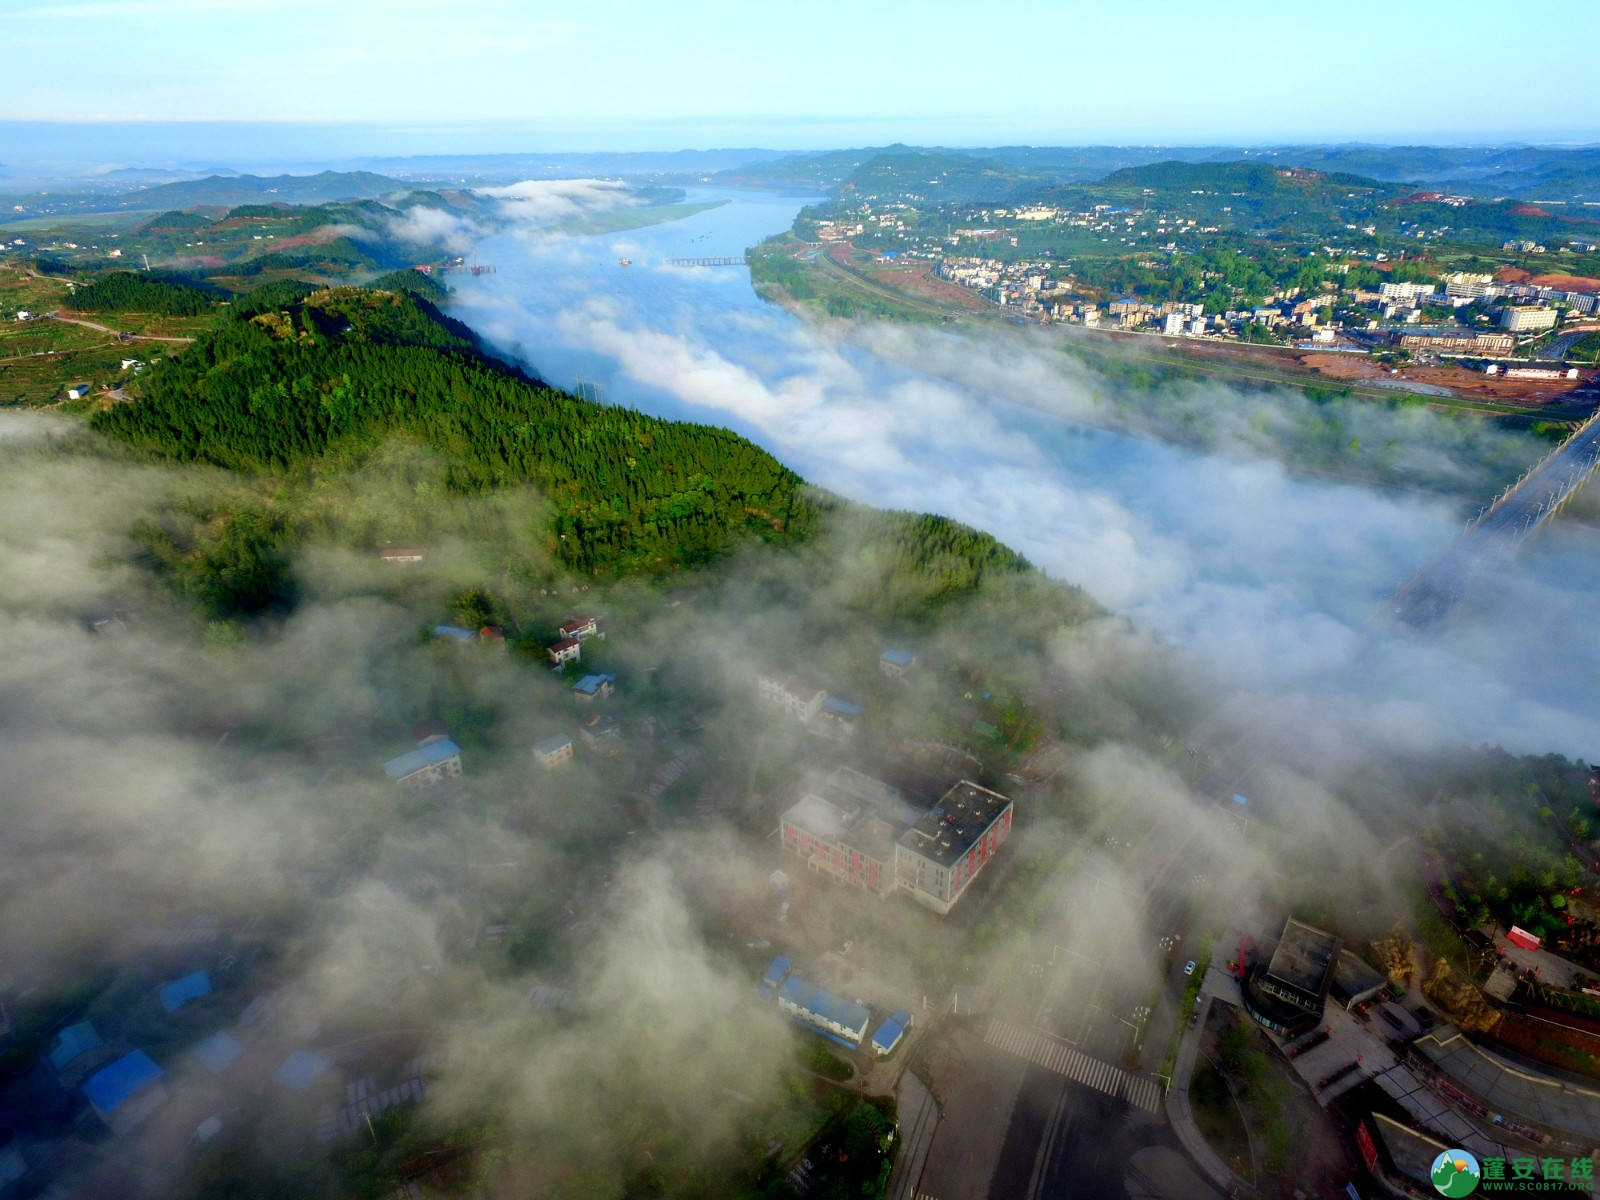 雾境蓬安 - 第26张  | 蓬安在线